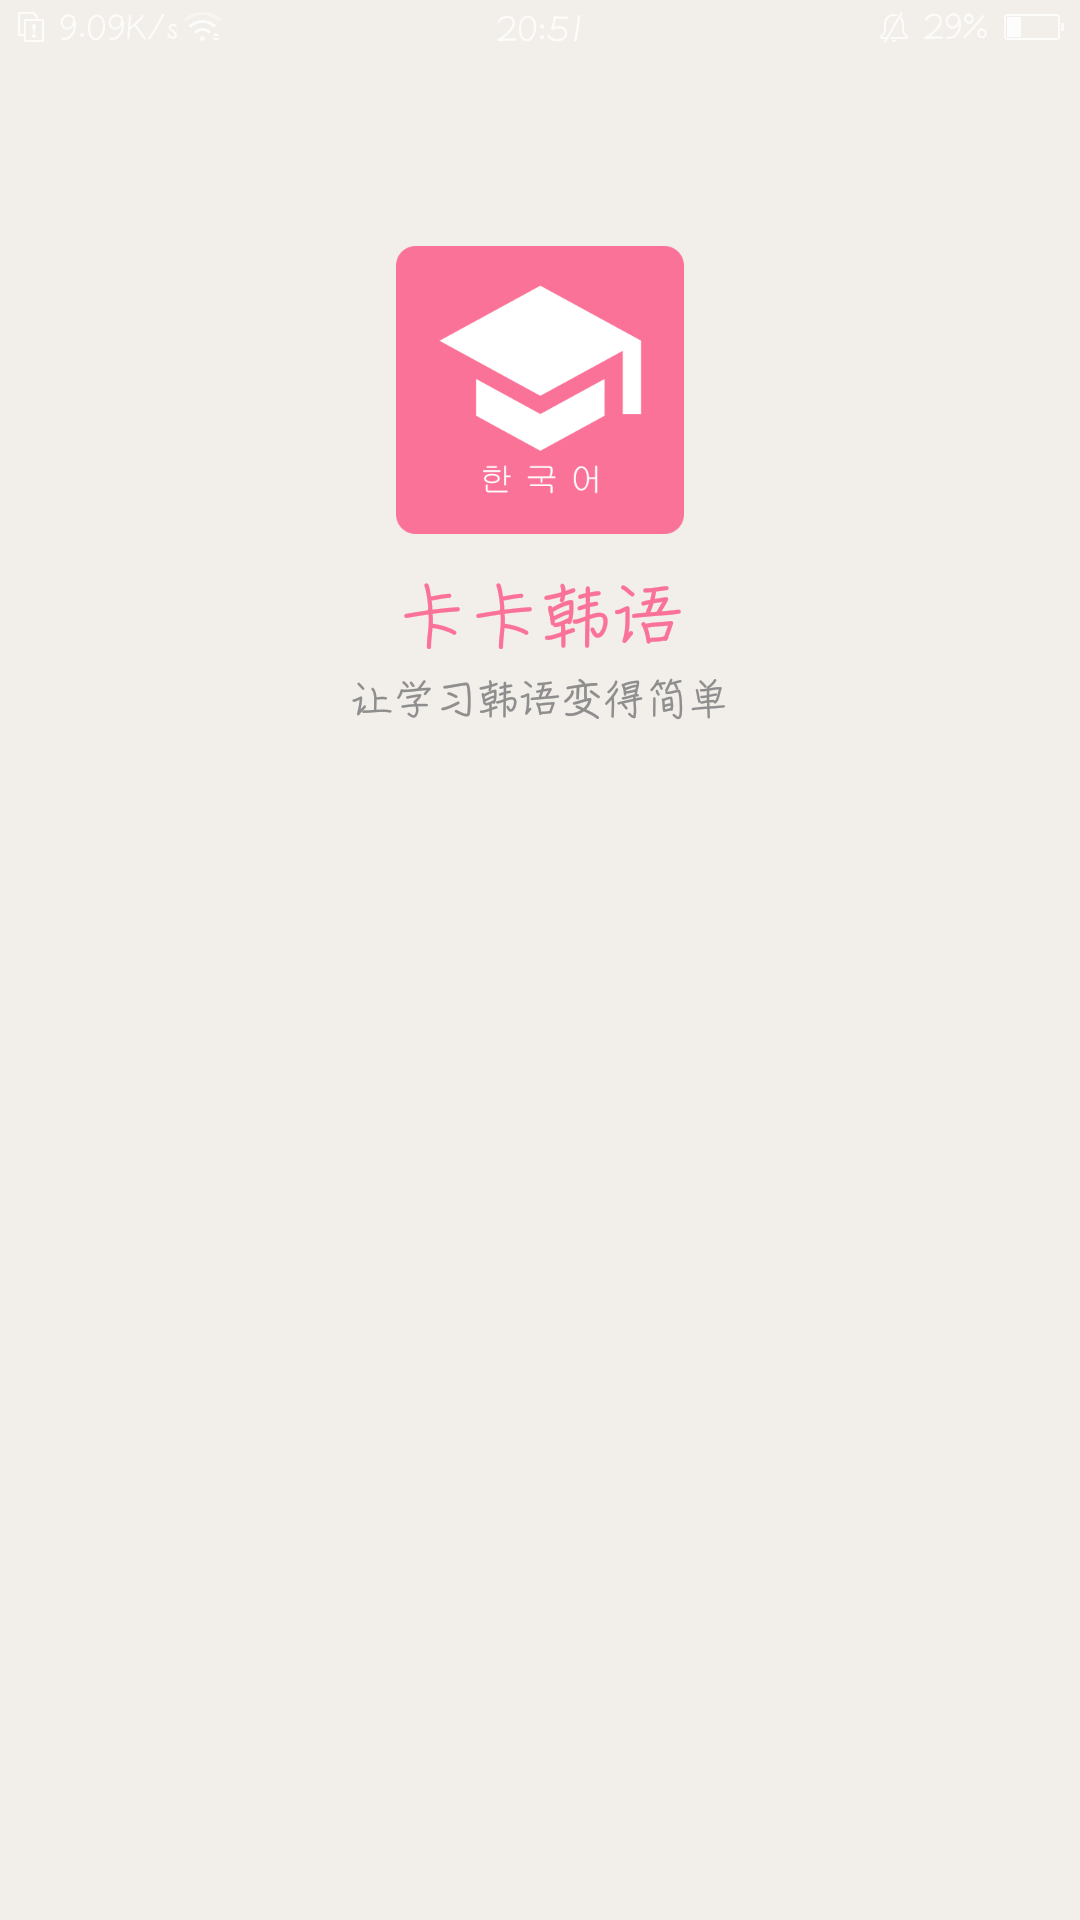 【分享】卡卡韩语 1.2.6